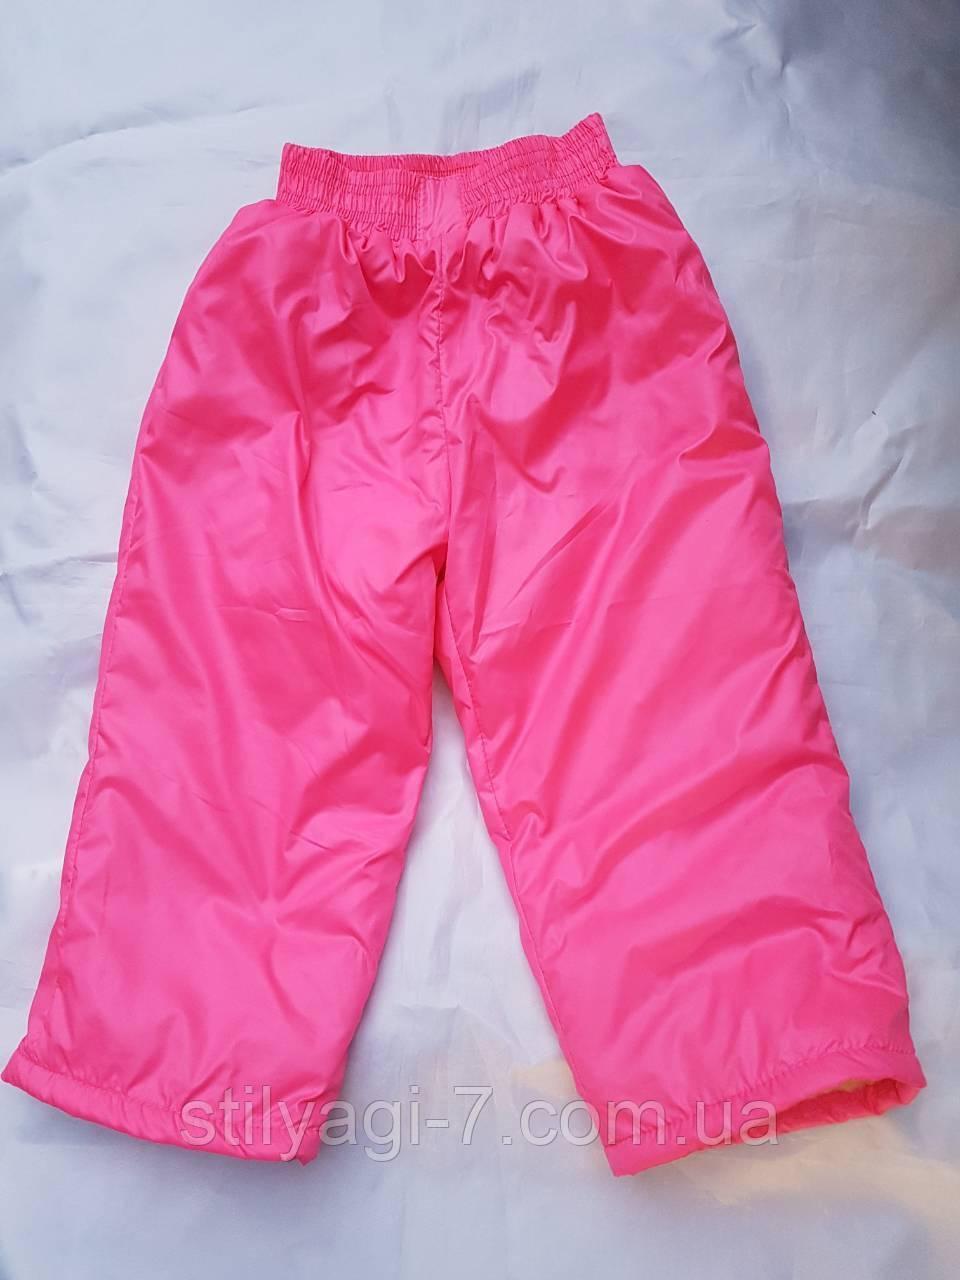 Штаны для девочки из плащевки 2-6 лет на овчине розового цвета оптом